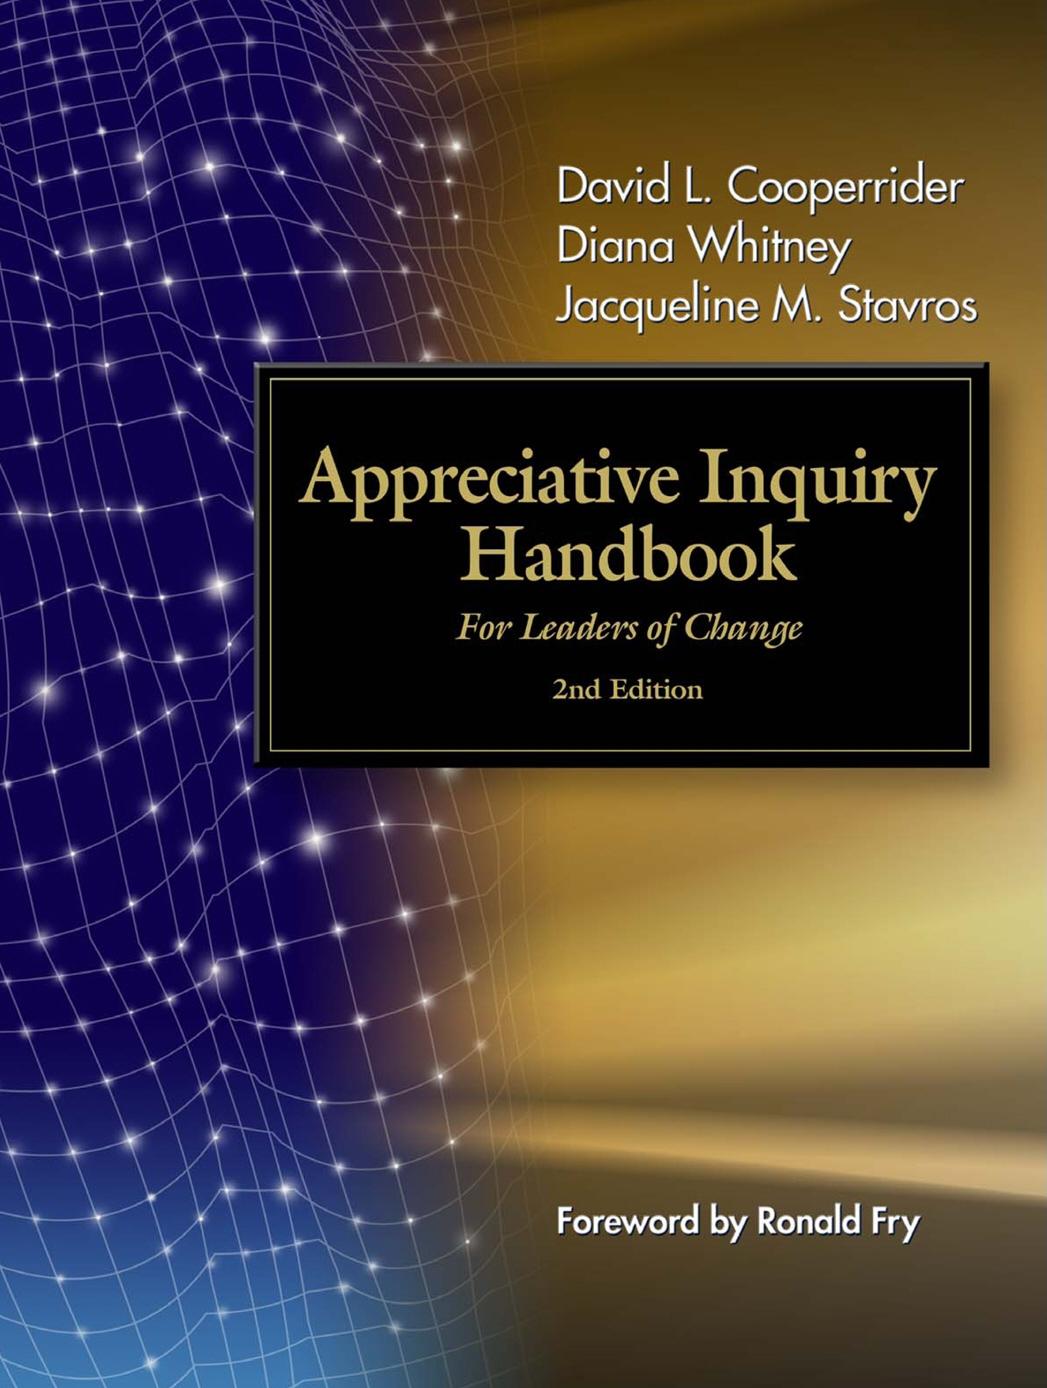 appreciative inquiry new model of change The appreciative inquiry model  the most powerful force for change is a new  large scale appreciative inquiries.